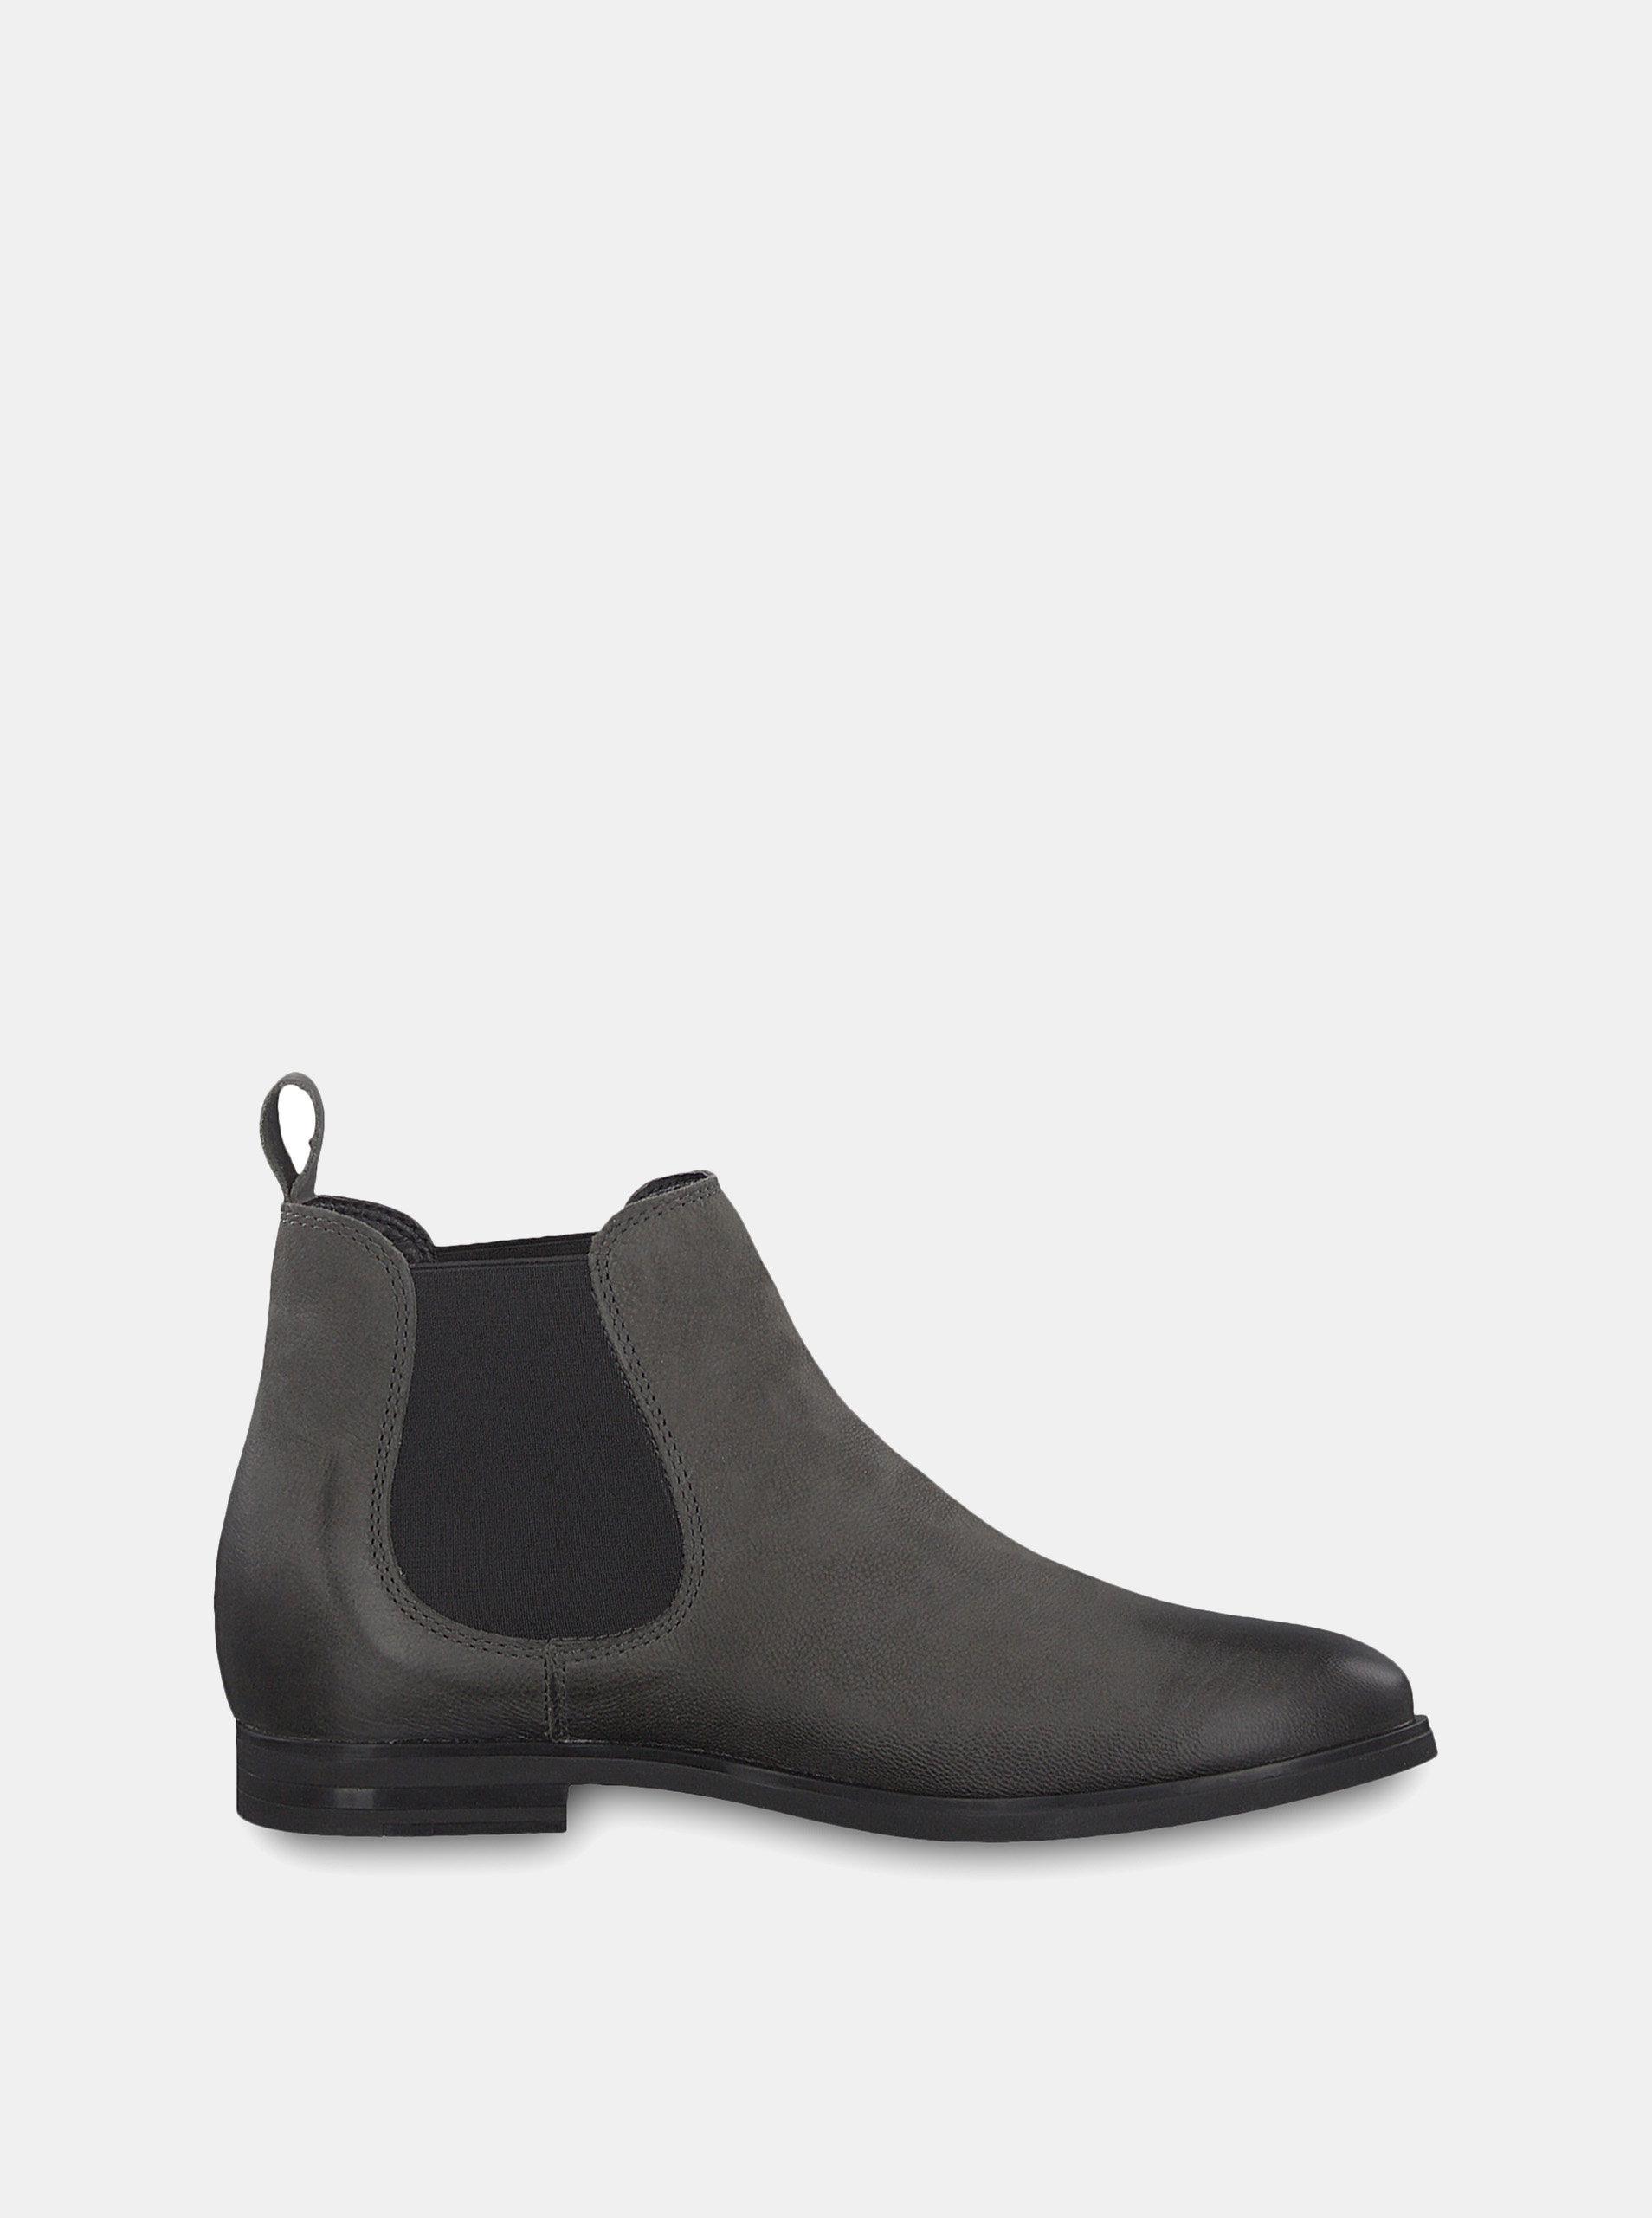 c97e41ea1d66 Sivé kožené chelsea topánky Tamaris ...